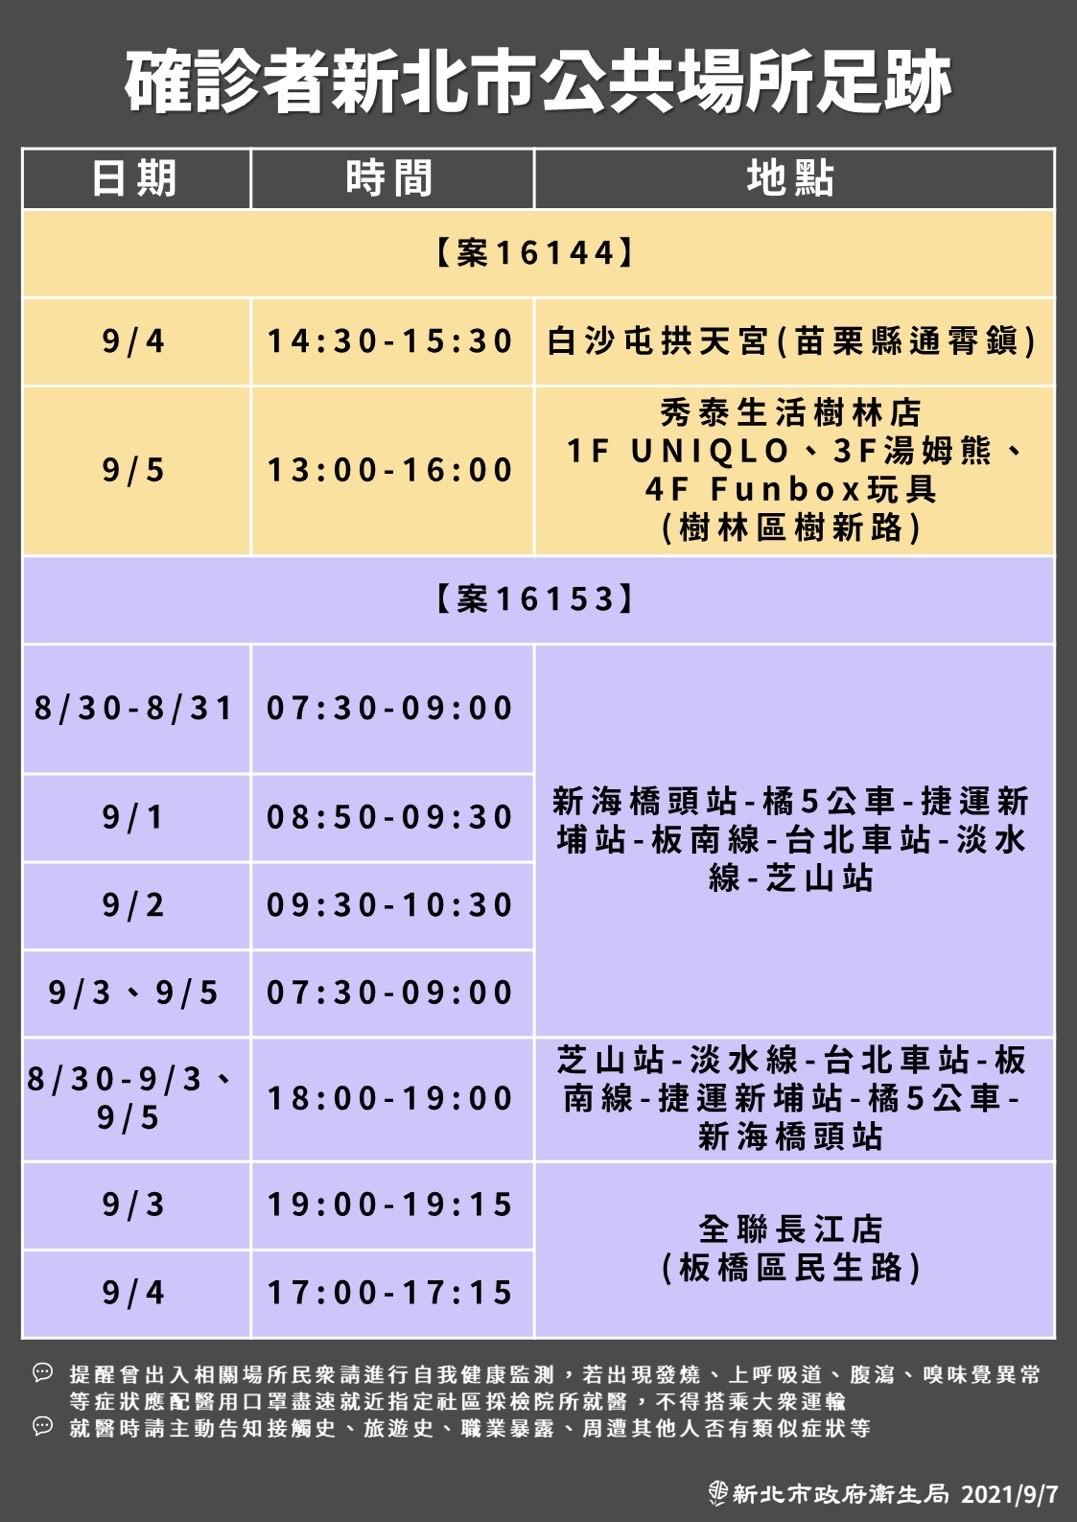 [情報] 今日(9/07) COVID-19疫情現況